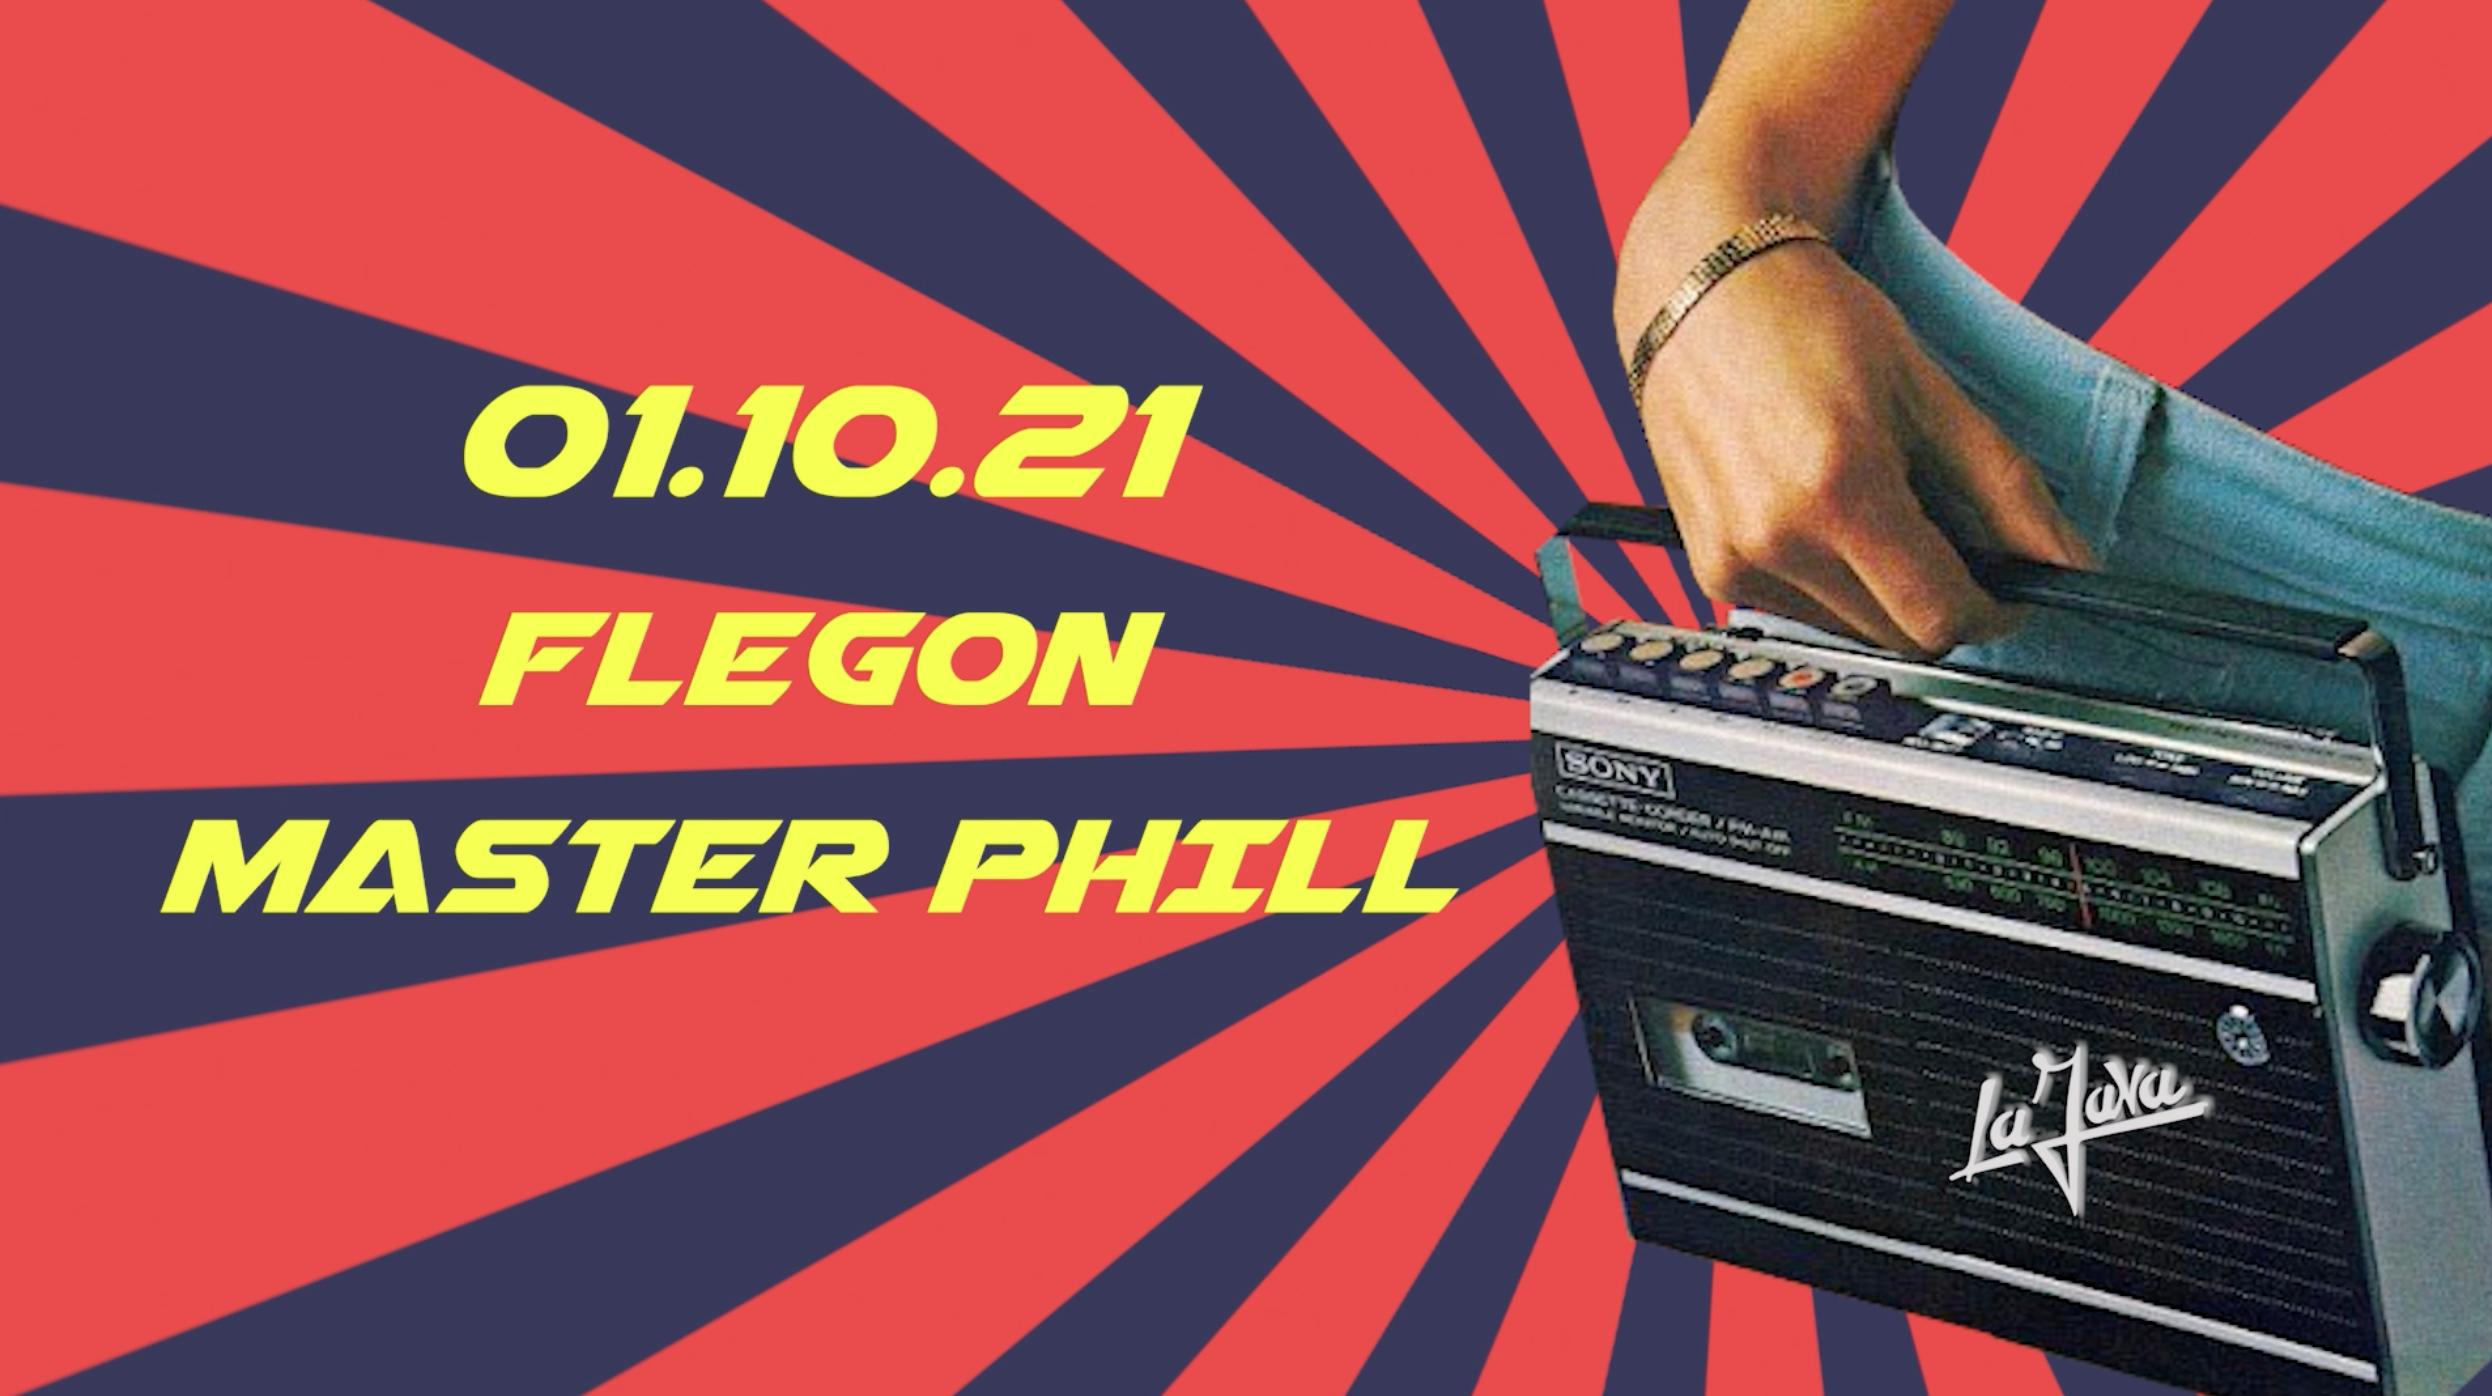 LA JAVA : Flegon & Master Phil - All night long